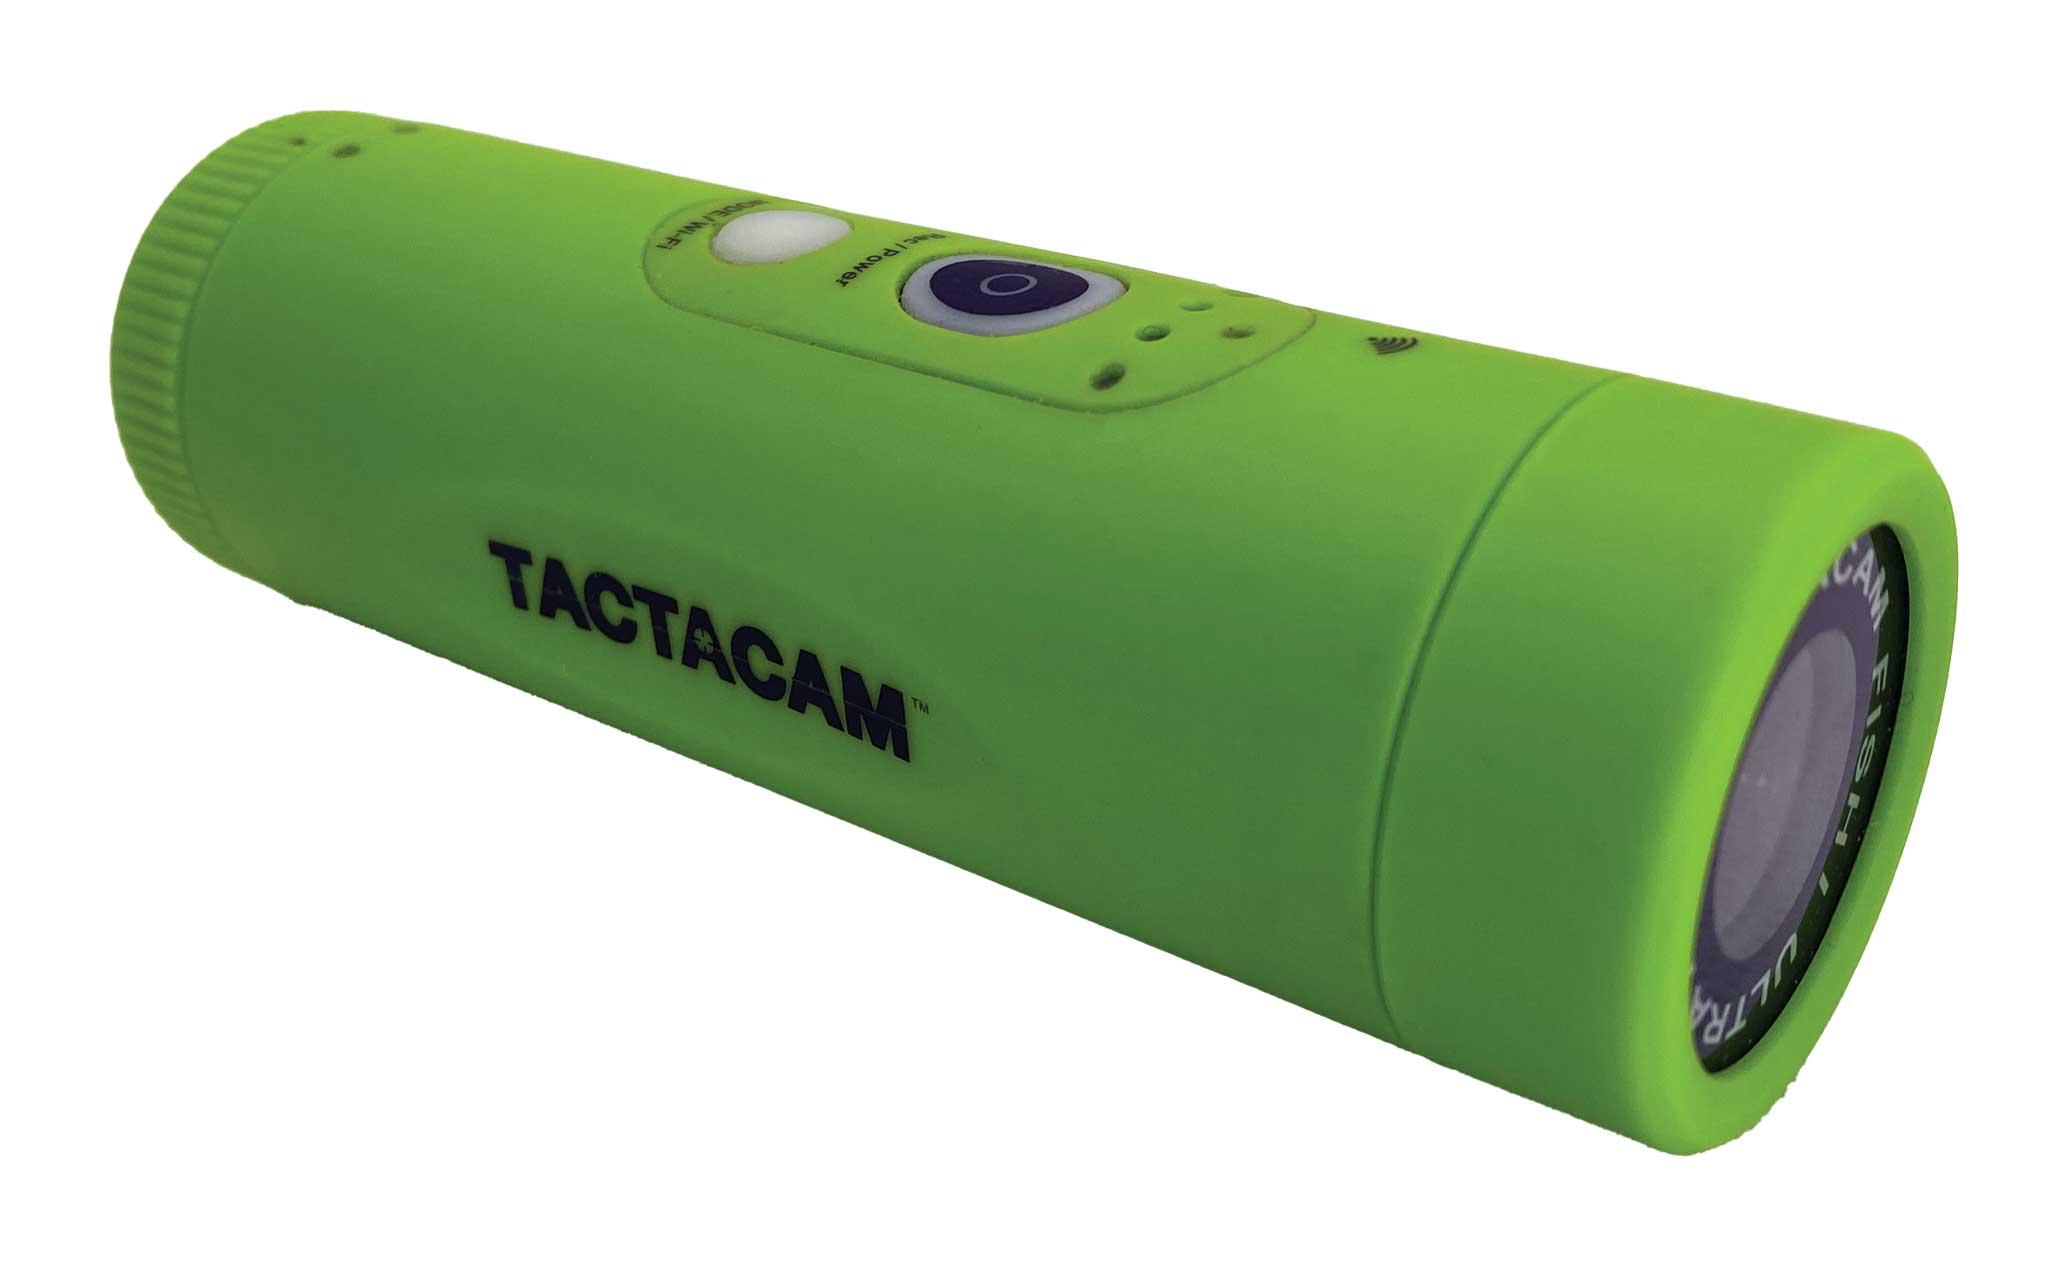 Fish-i by Tactacam